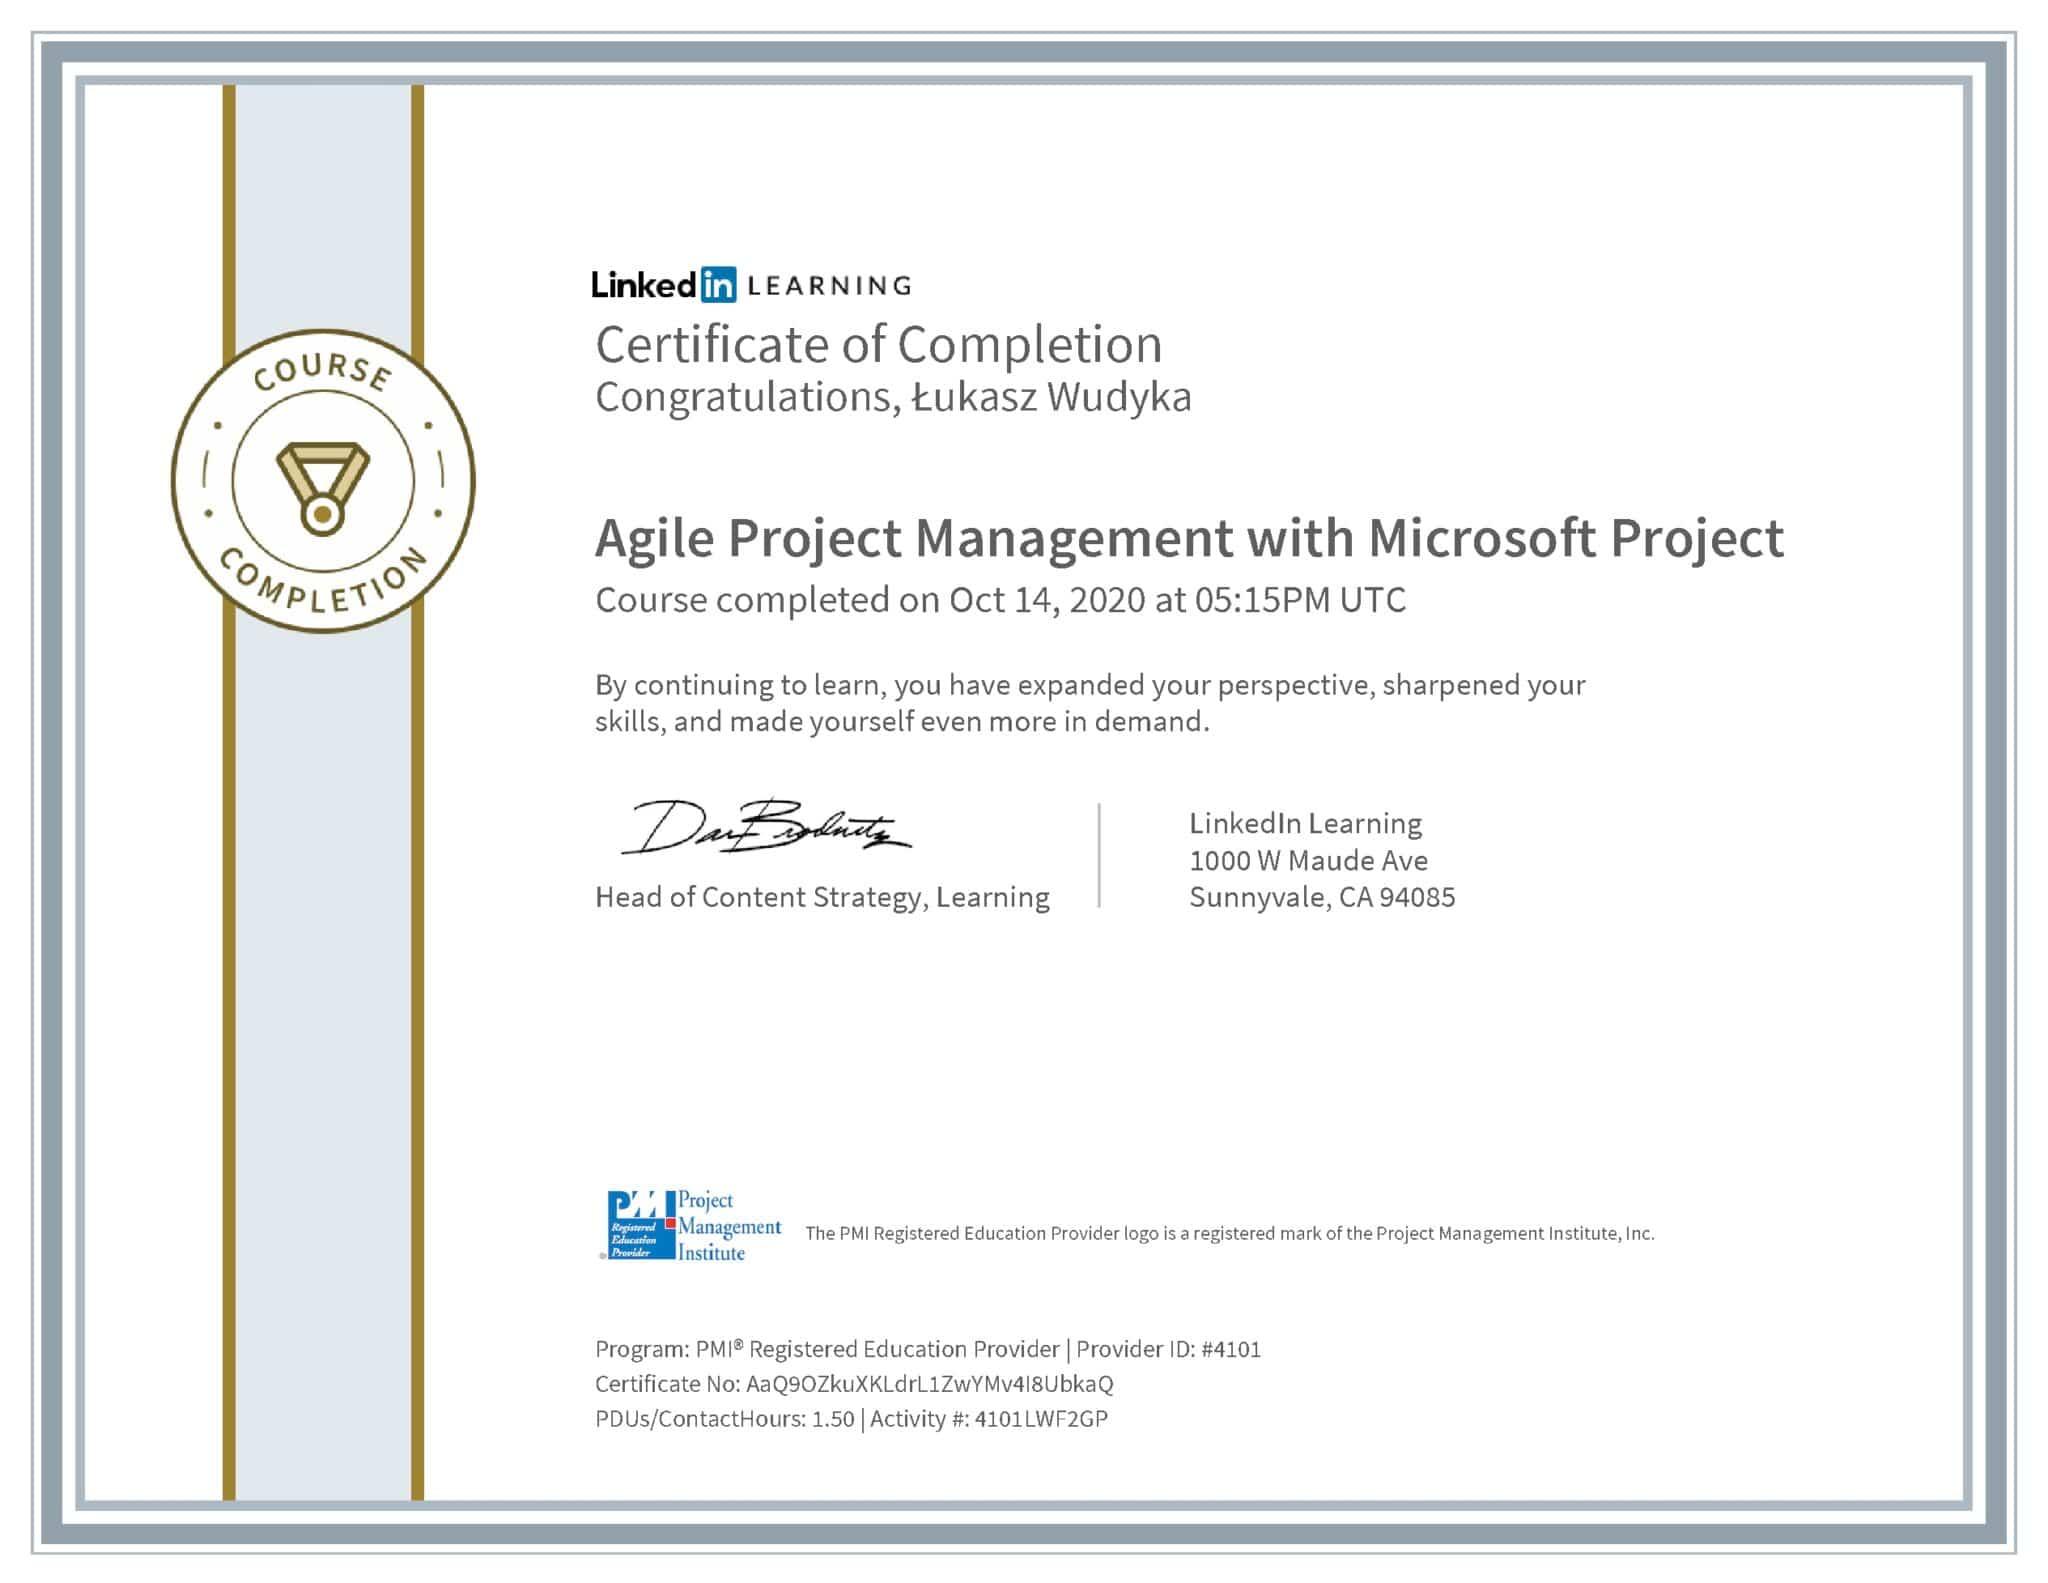 Łukasz Wudyka certyfikat LinkedIn Agile Project Management with Microsoft Project PMI